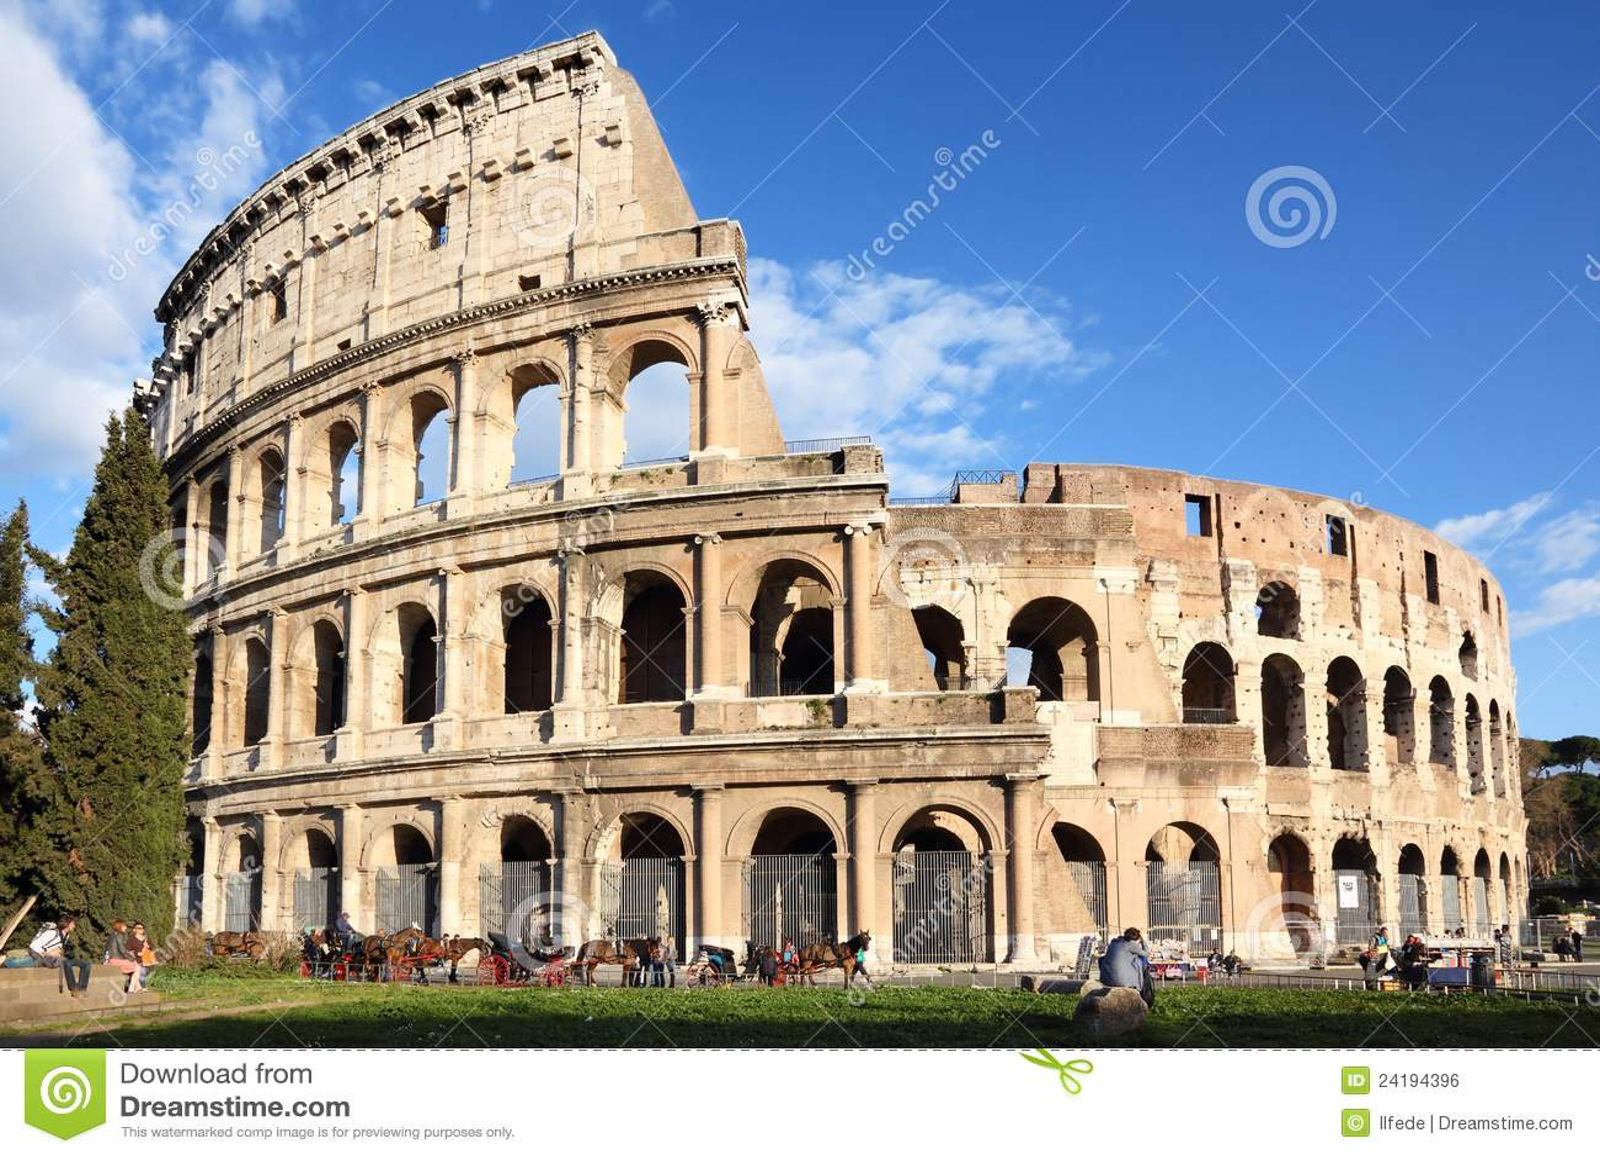 Colosseum in Rom, Italien